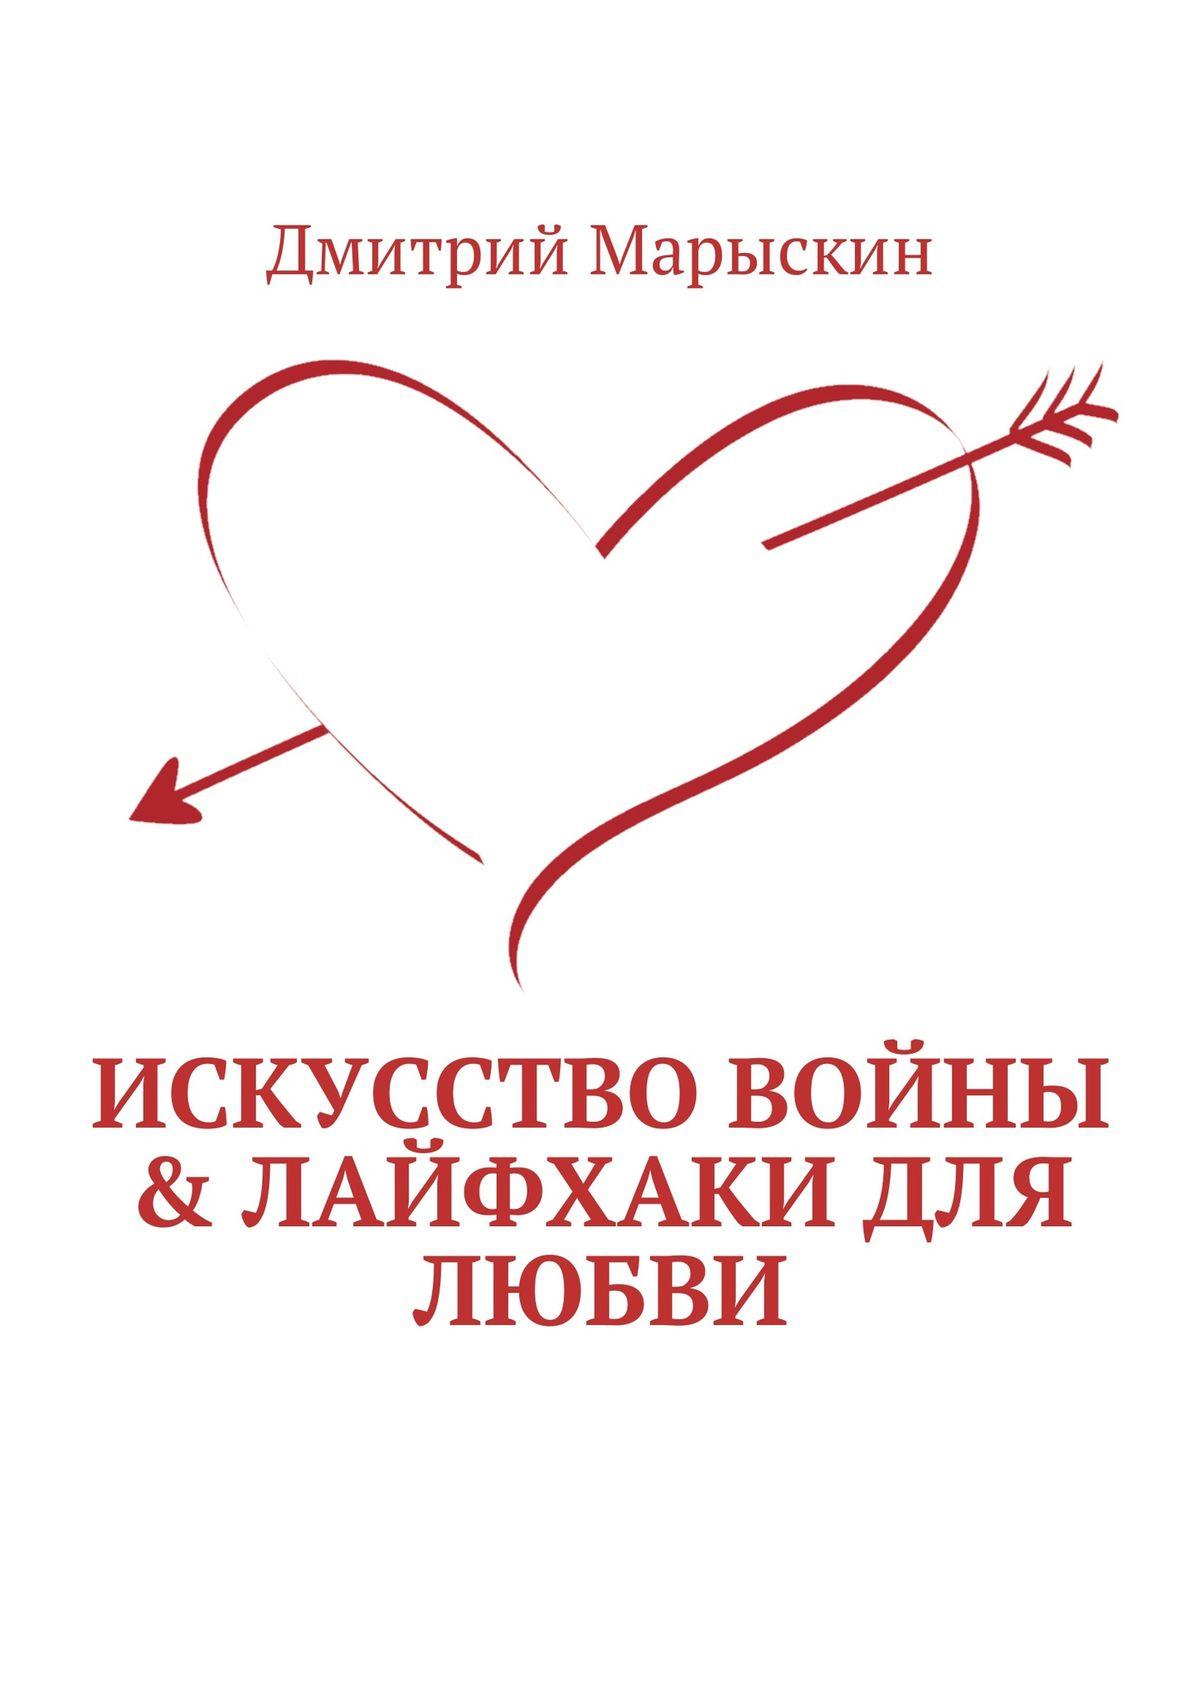 Дмитрий Марыскин Искусство войны & Лайфхаки для любви дмитрий марыскин власть дракона–